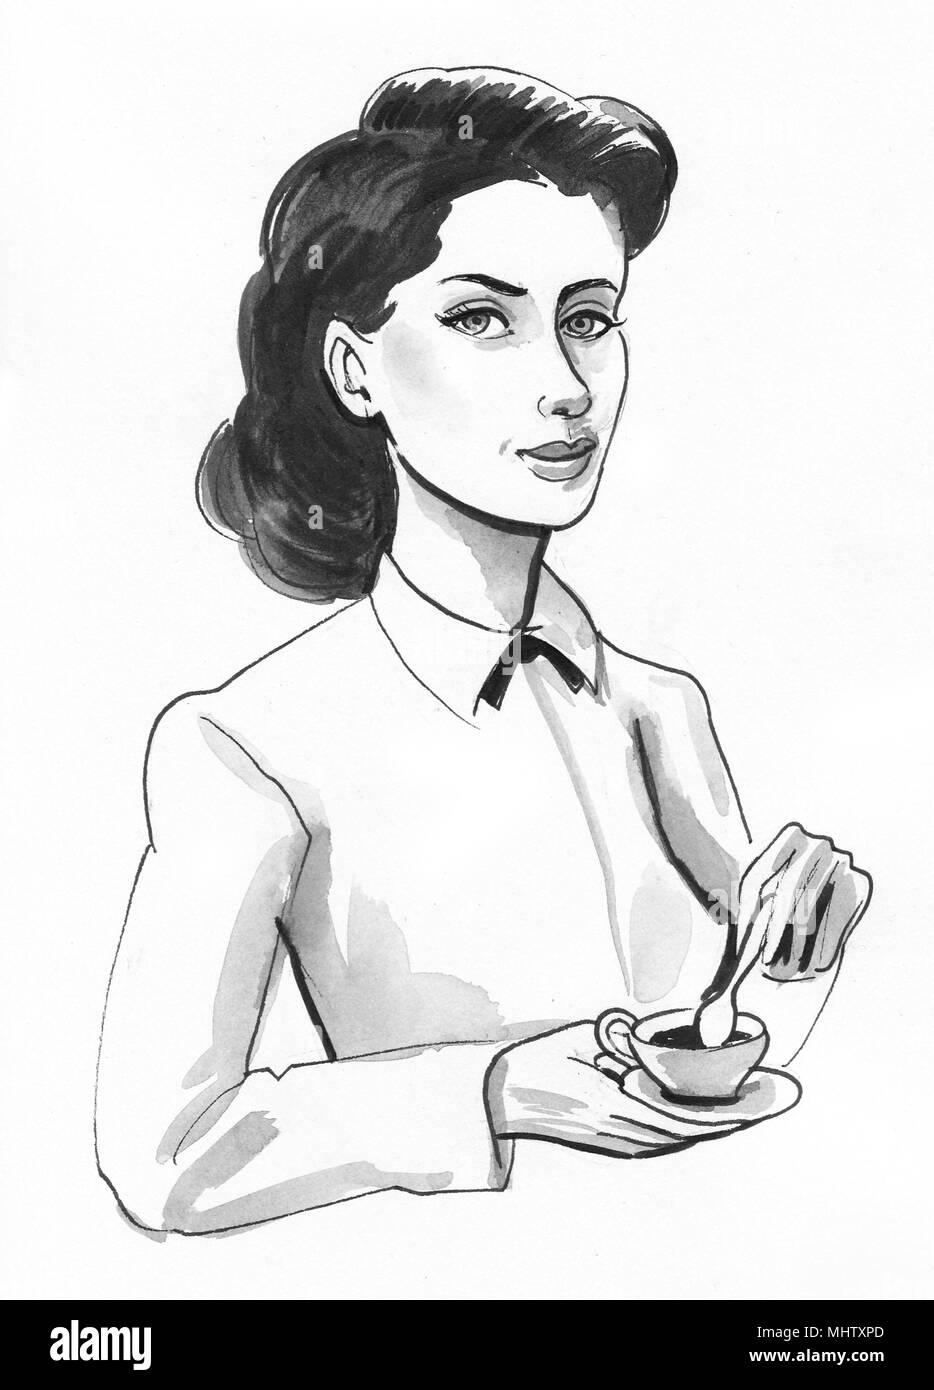 jolie femme avec une tasse de caf dessin noir et blanc encre banque d 39 images photo stock. Black Bedroom Furniture Sets. Home Design Ideas